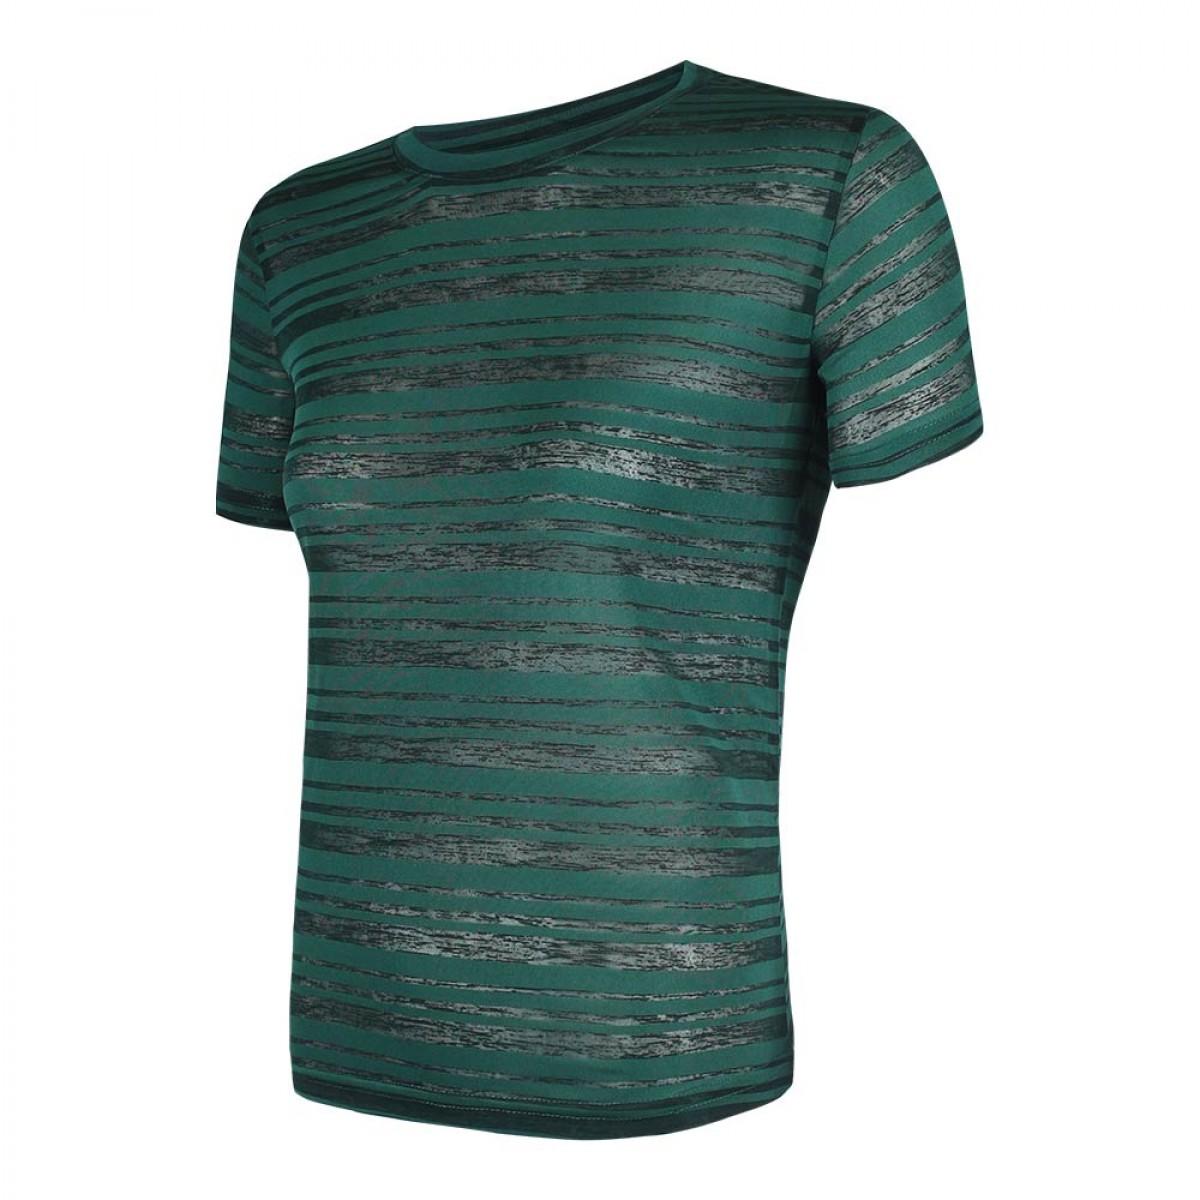 women-knitted-round-neck-t-shirt-kkrt16105-6a